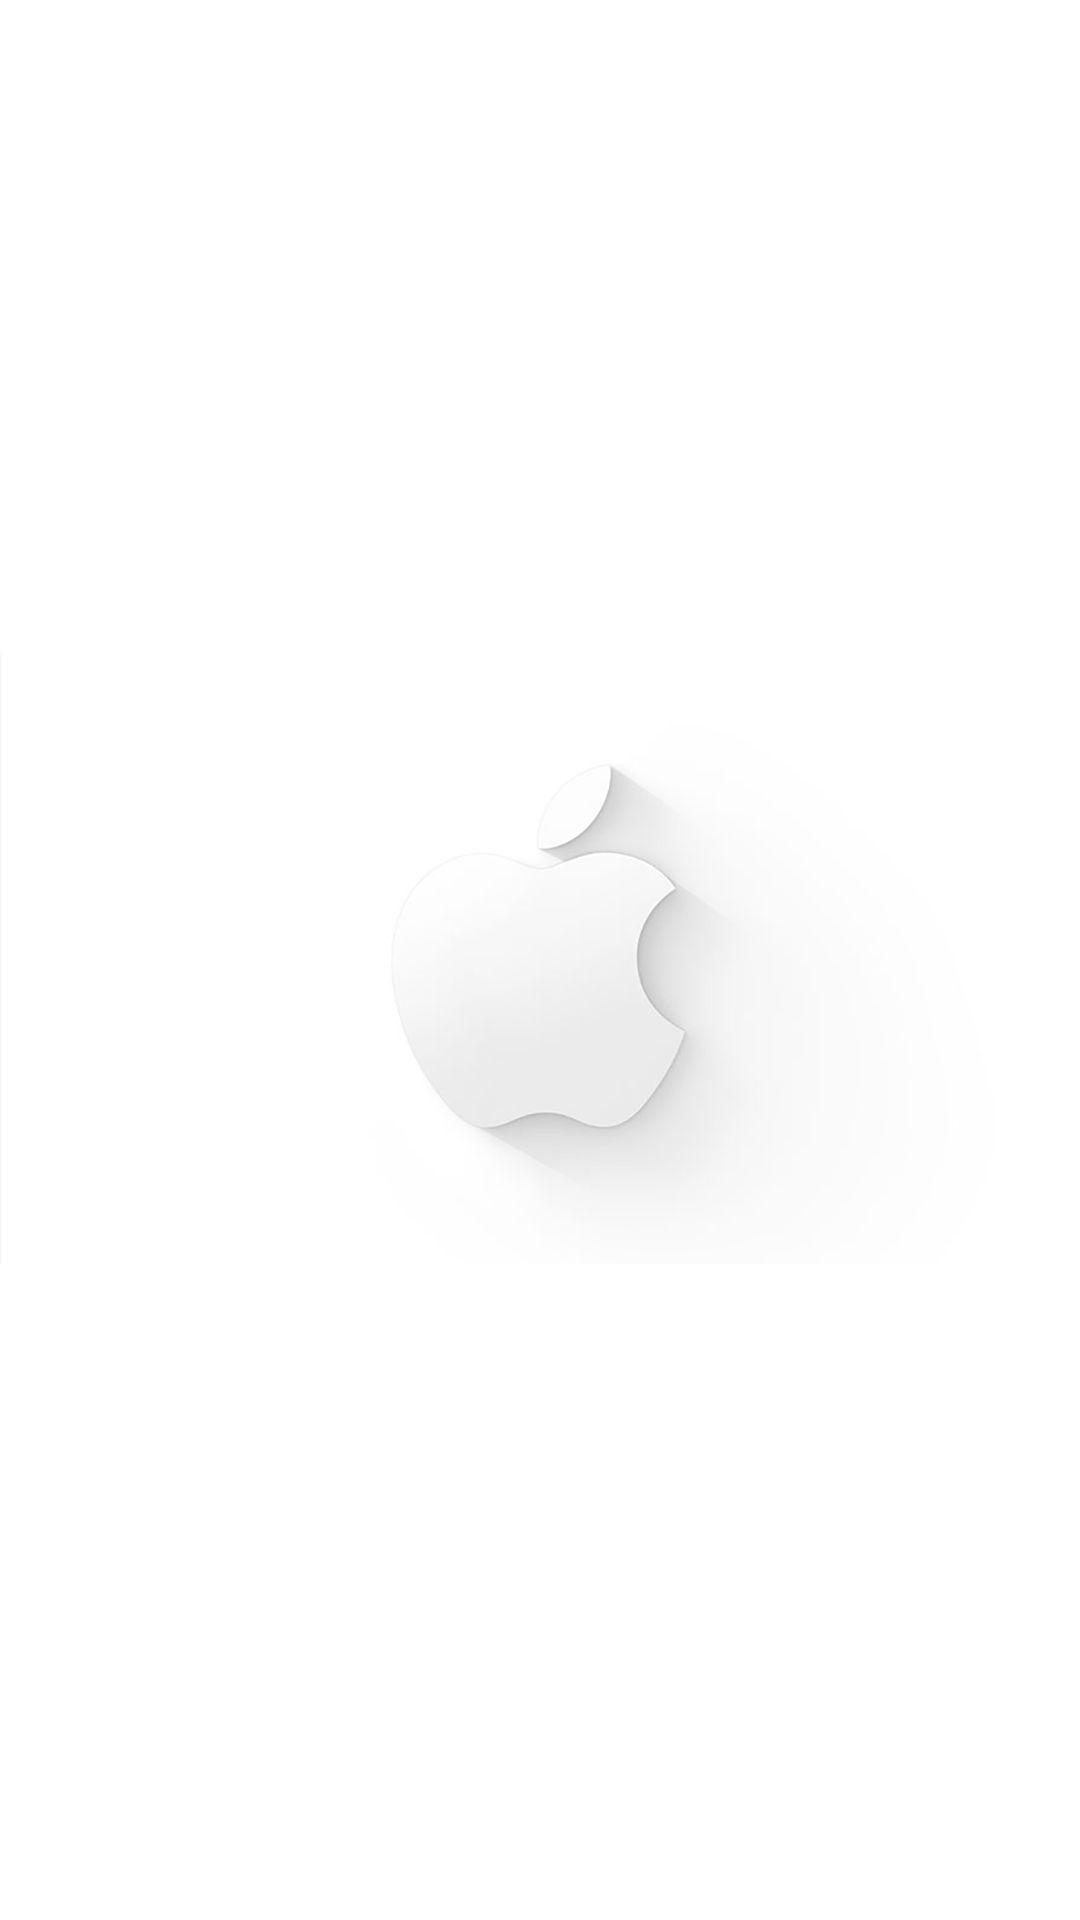 White Wallpaper White Wallpaper For Iphone Apple Wallpaper Iphone Iphone 5s Wallpaper